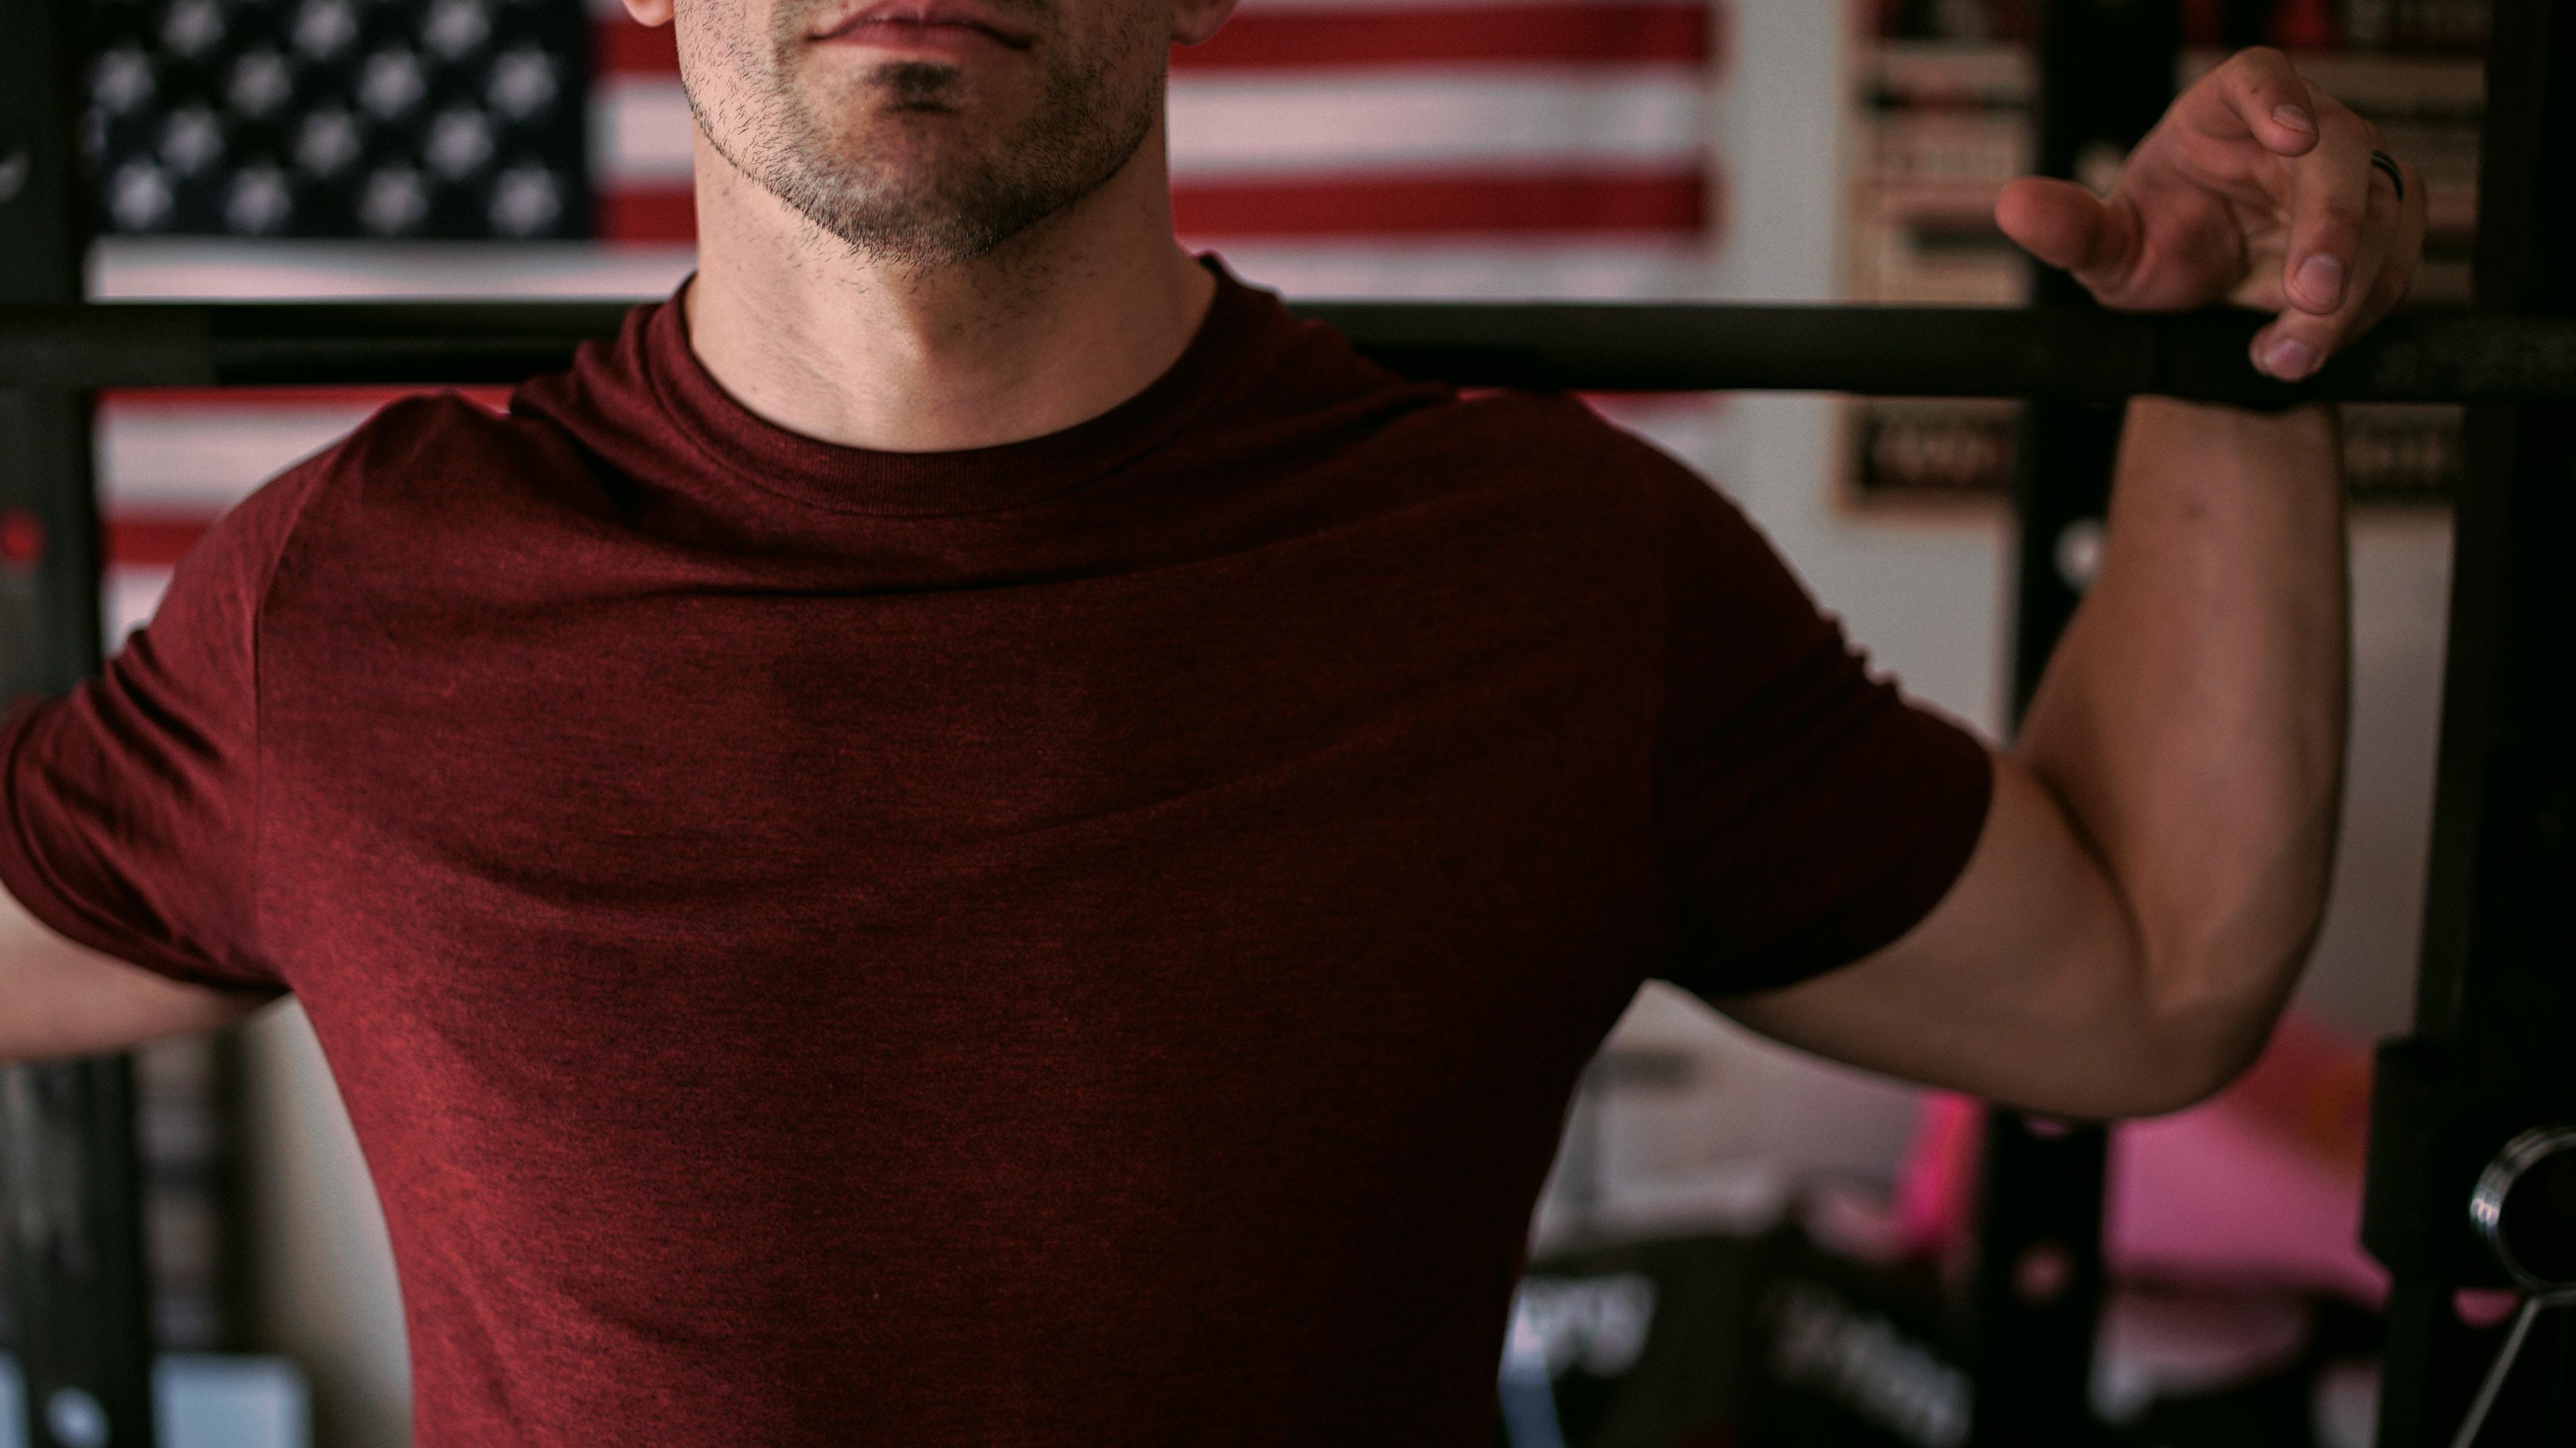 Suivre un régime spécial sèche pour prendre du muscle